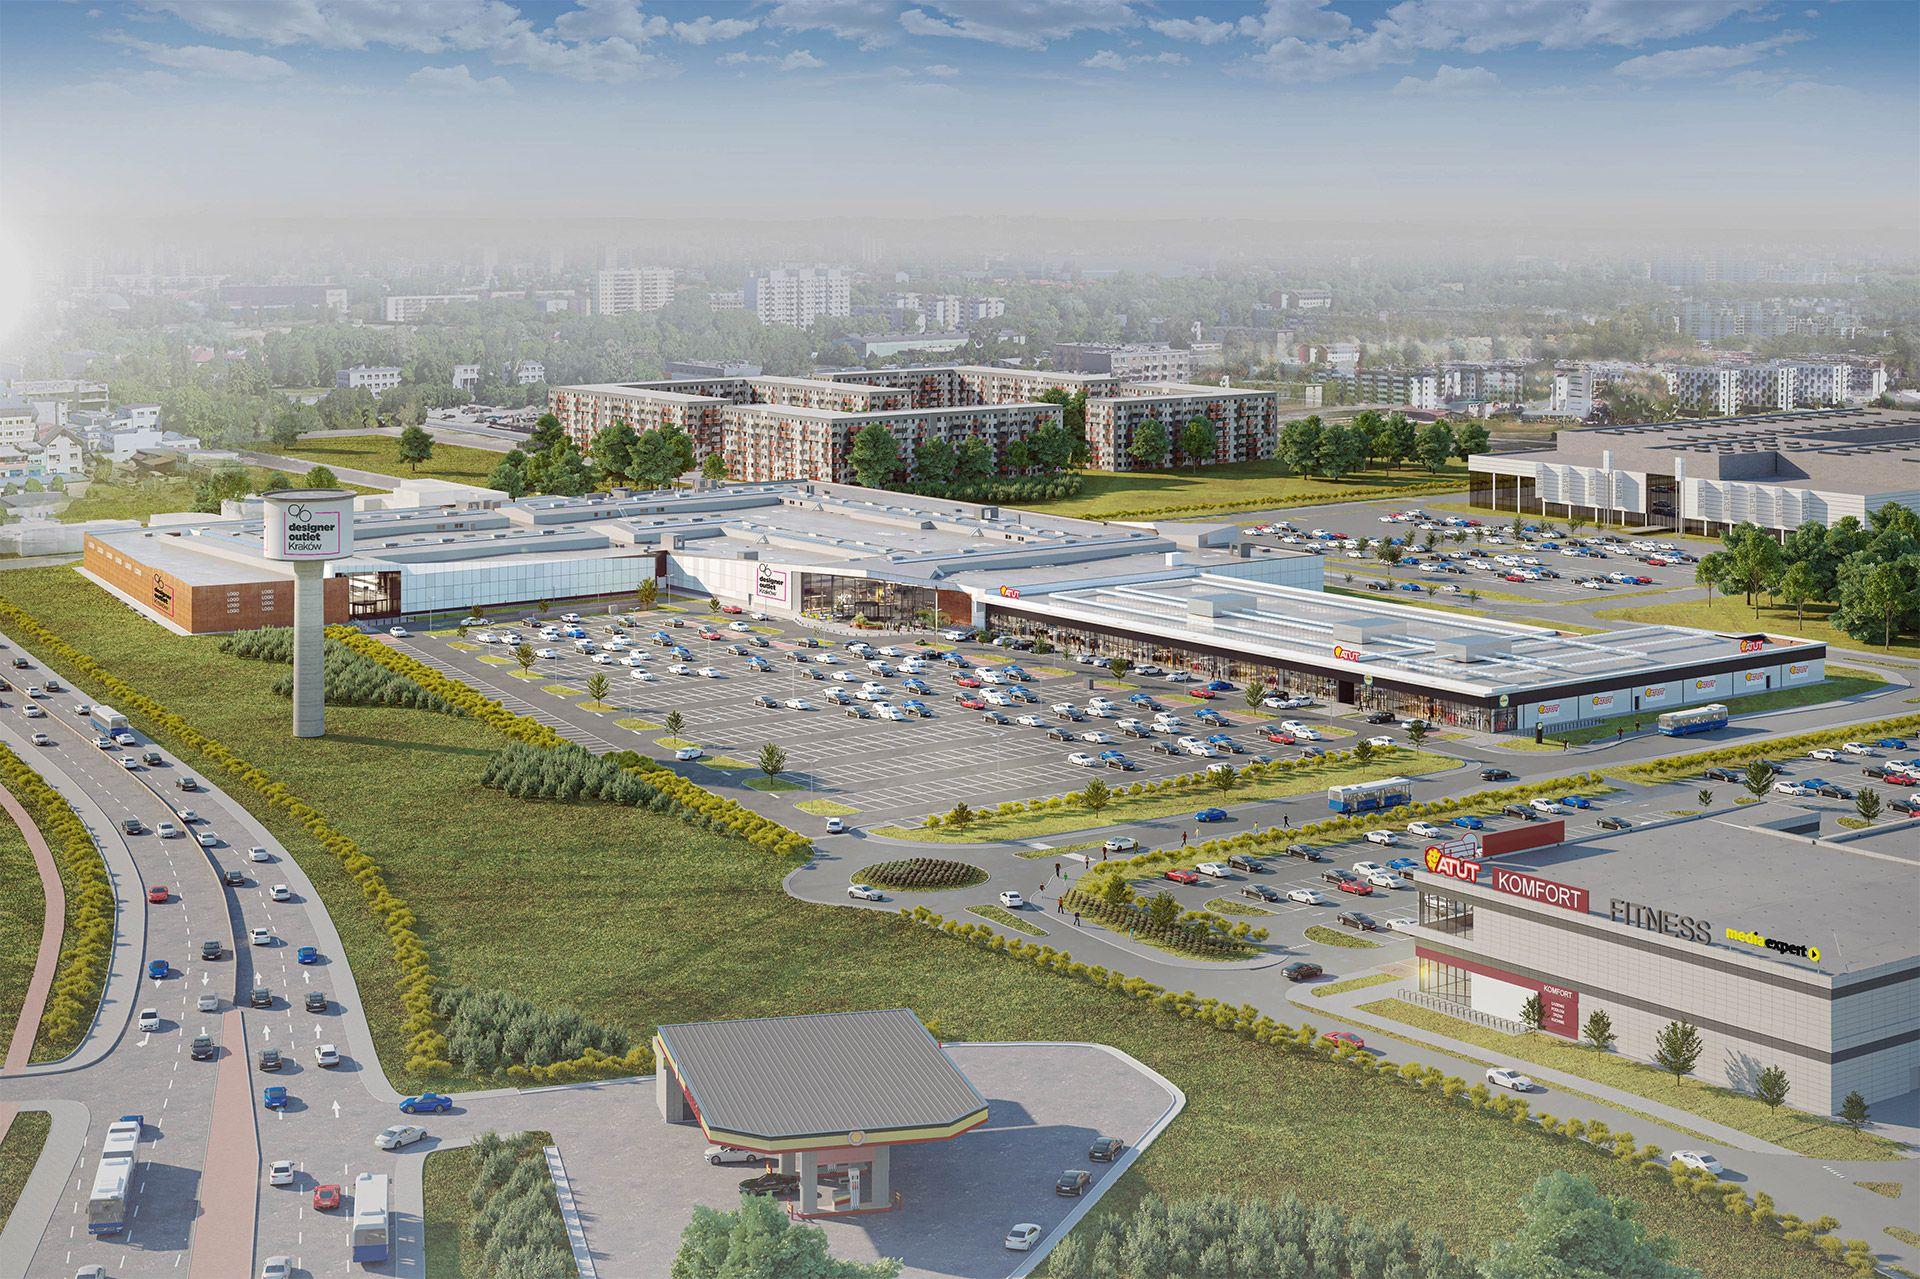 W Krakowie ruszyła budowa wielkiego kompleksu handlowego przy ulicy Nowohuckiej [ZDJĘCIA + WIZUALIZACJE]